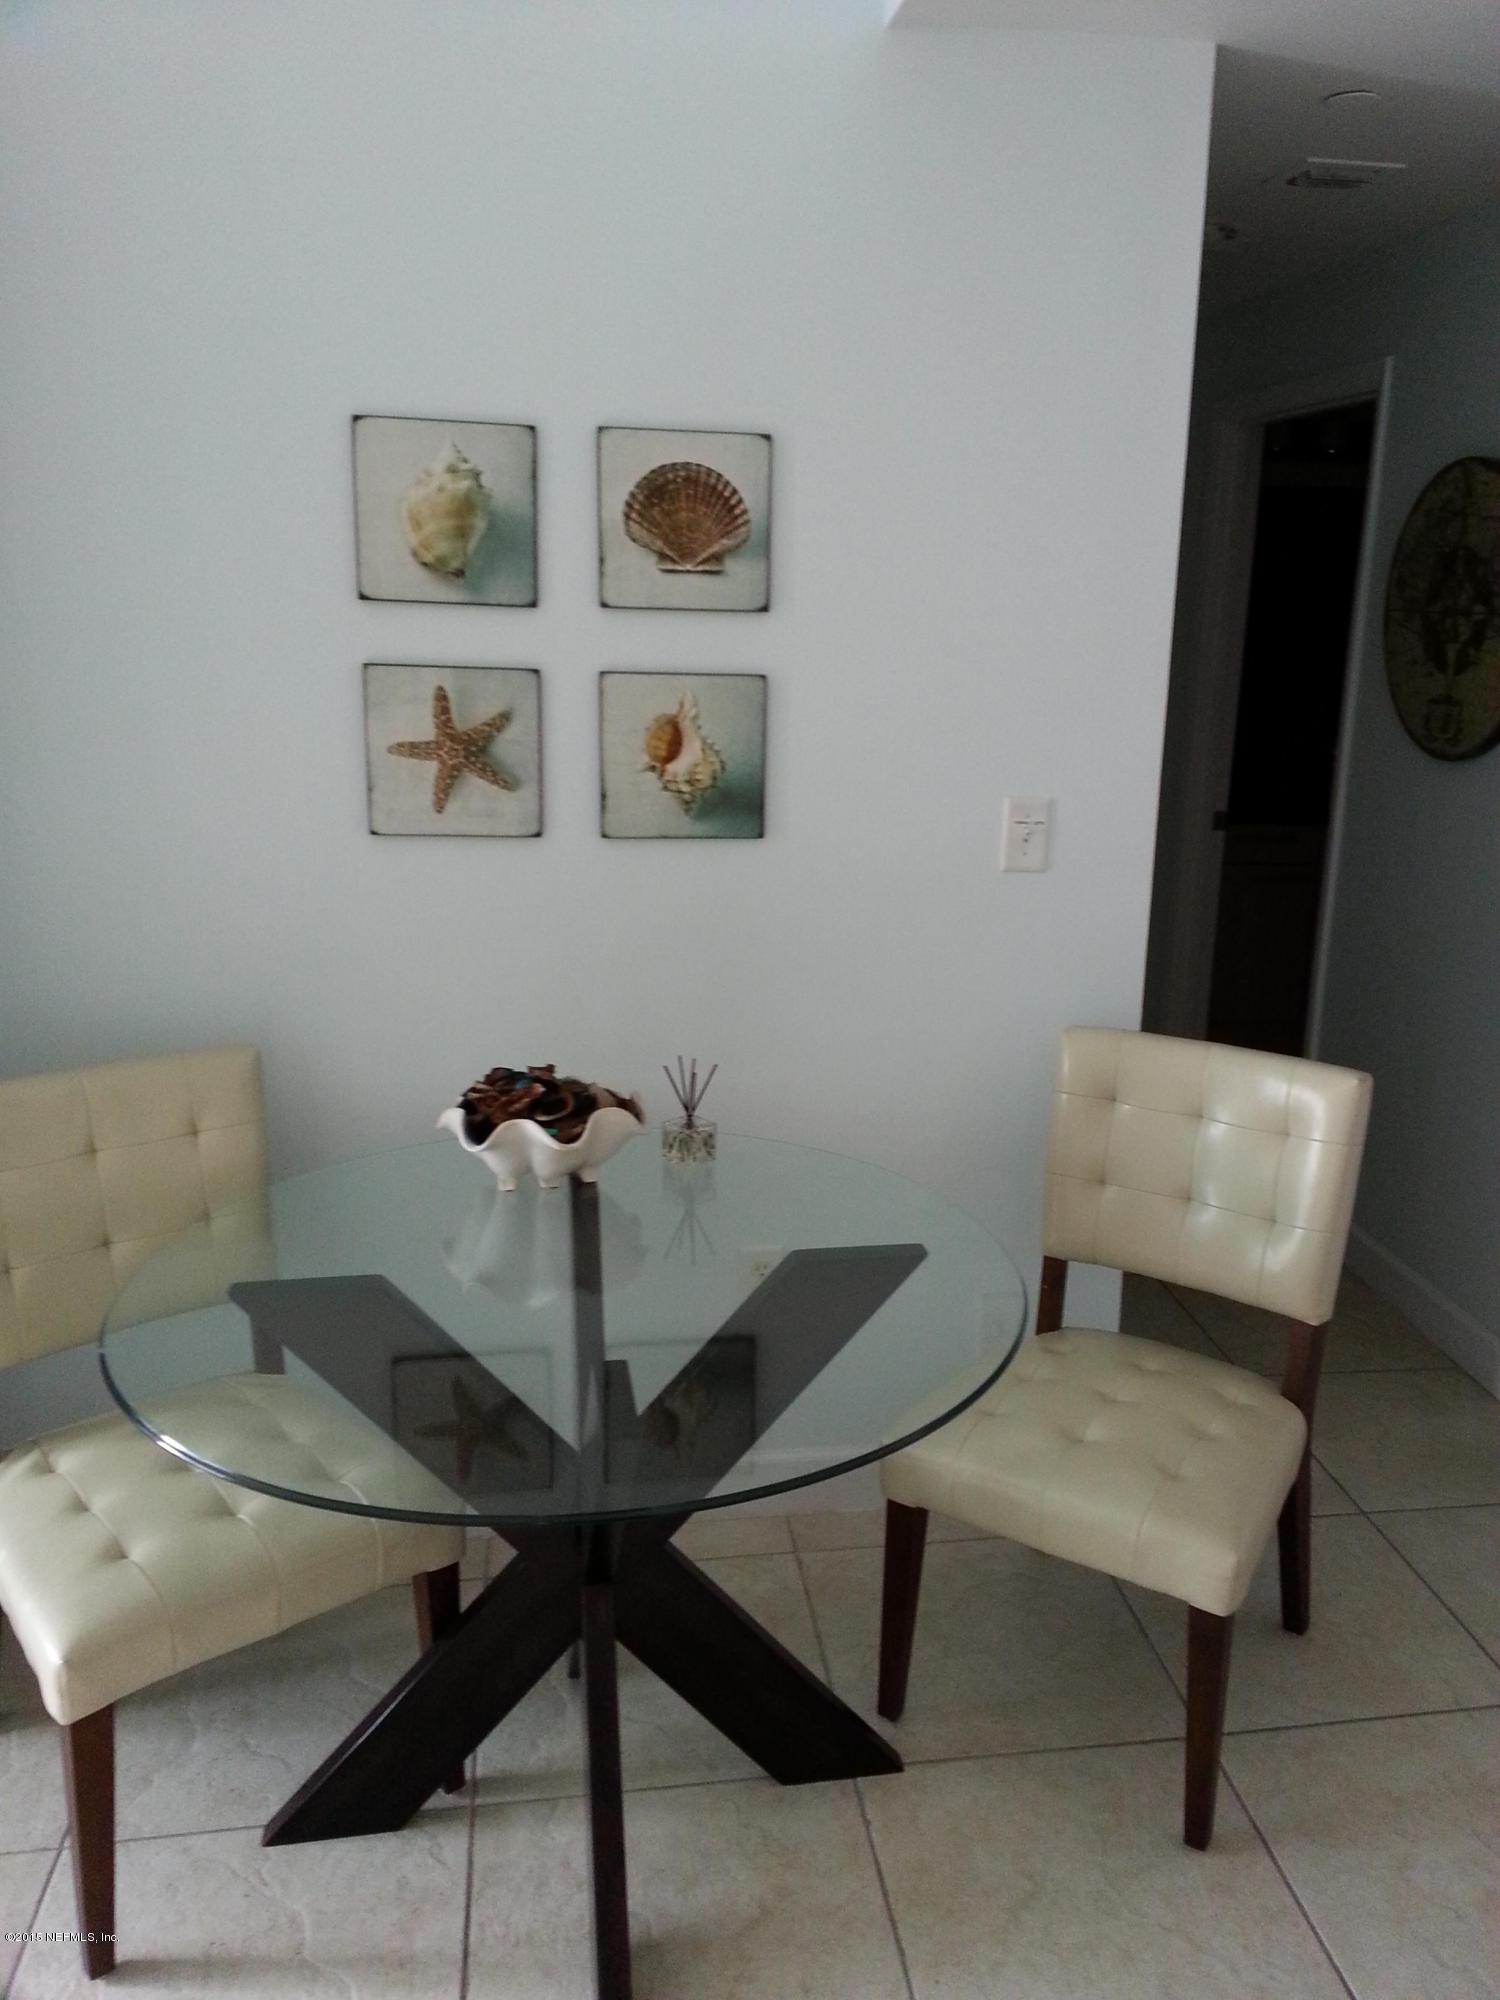 225 COLLINS, MIAMI BEACH, FLORIDA 33139, 1 Bedroom Bedrooms, ,1 BathroomBathrooms,Condo,For sale,COLLINS,780884